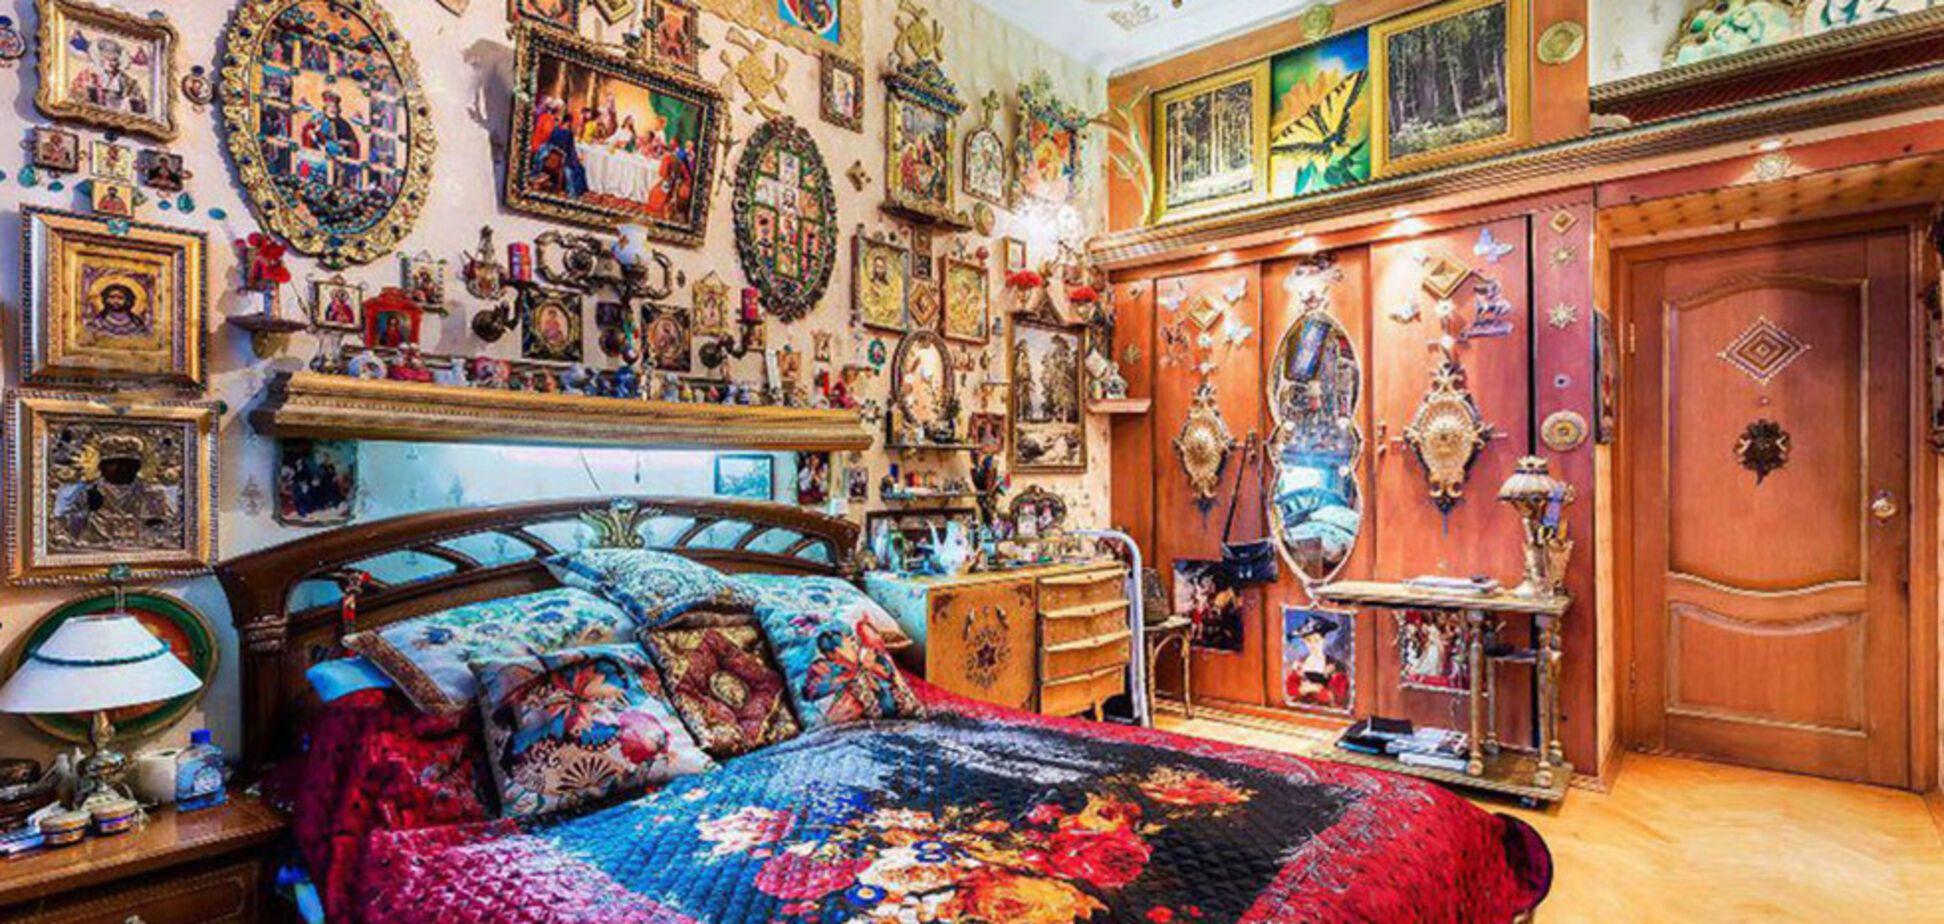 'В гостях у пресвятої Поклонский': в Росії виставили на продаж скрепную квартиру